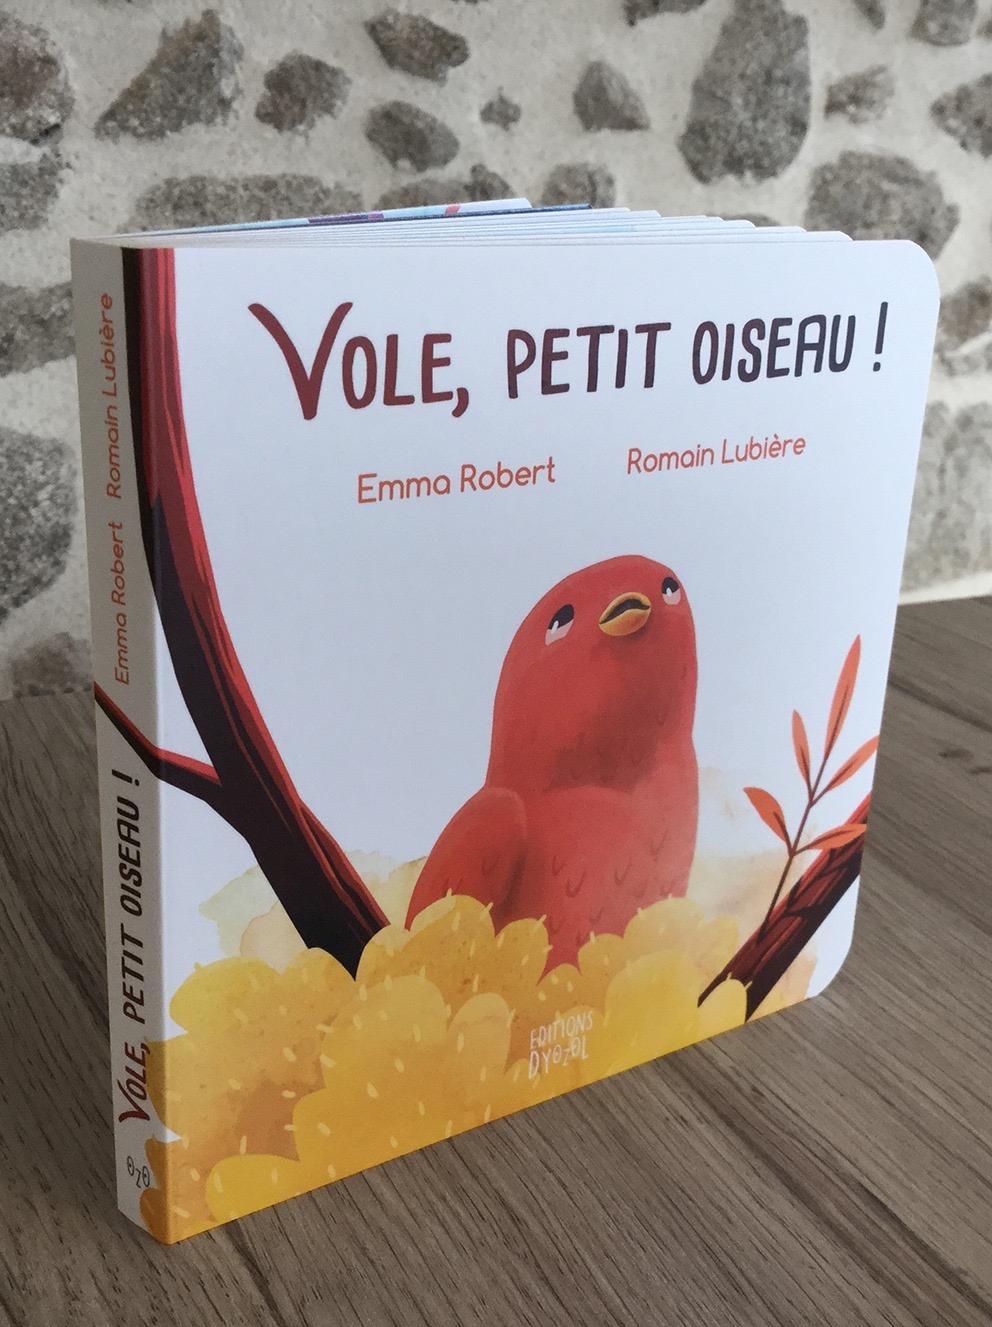 Vole, Petit Oiseau ! - Romain Lubière Illustration encequiconcerne Vol Petit Oiseau